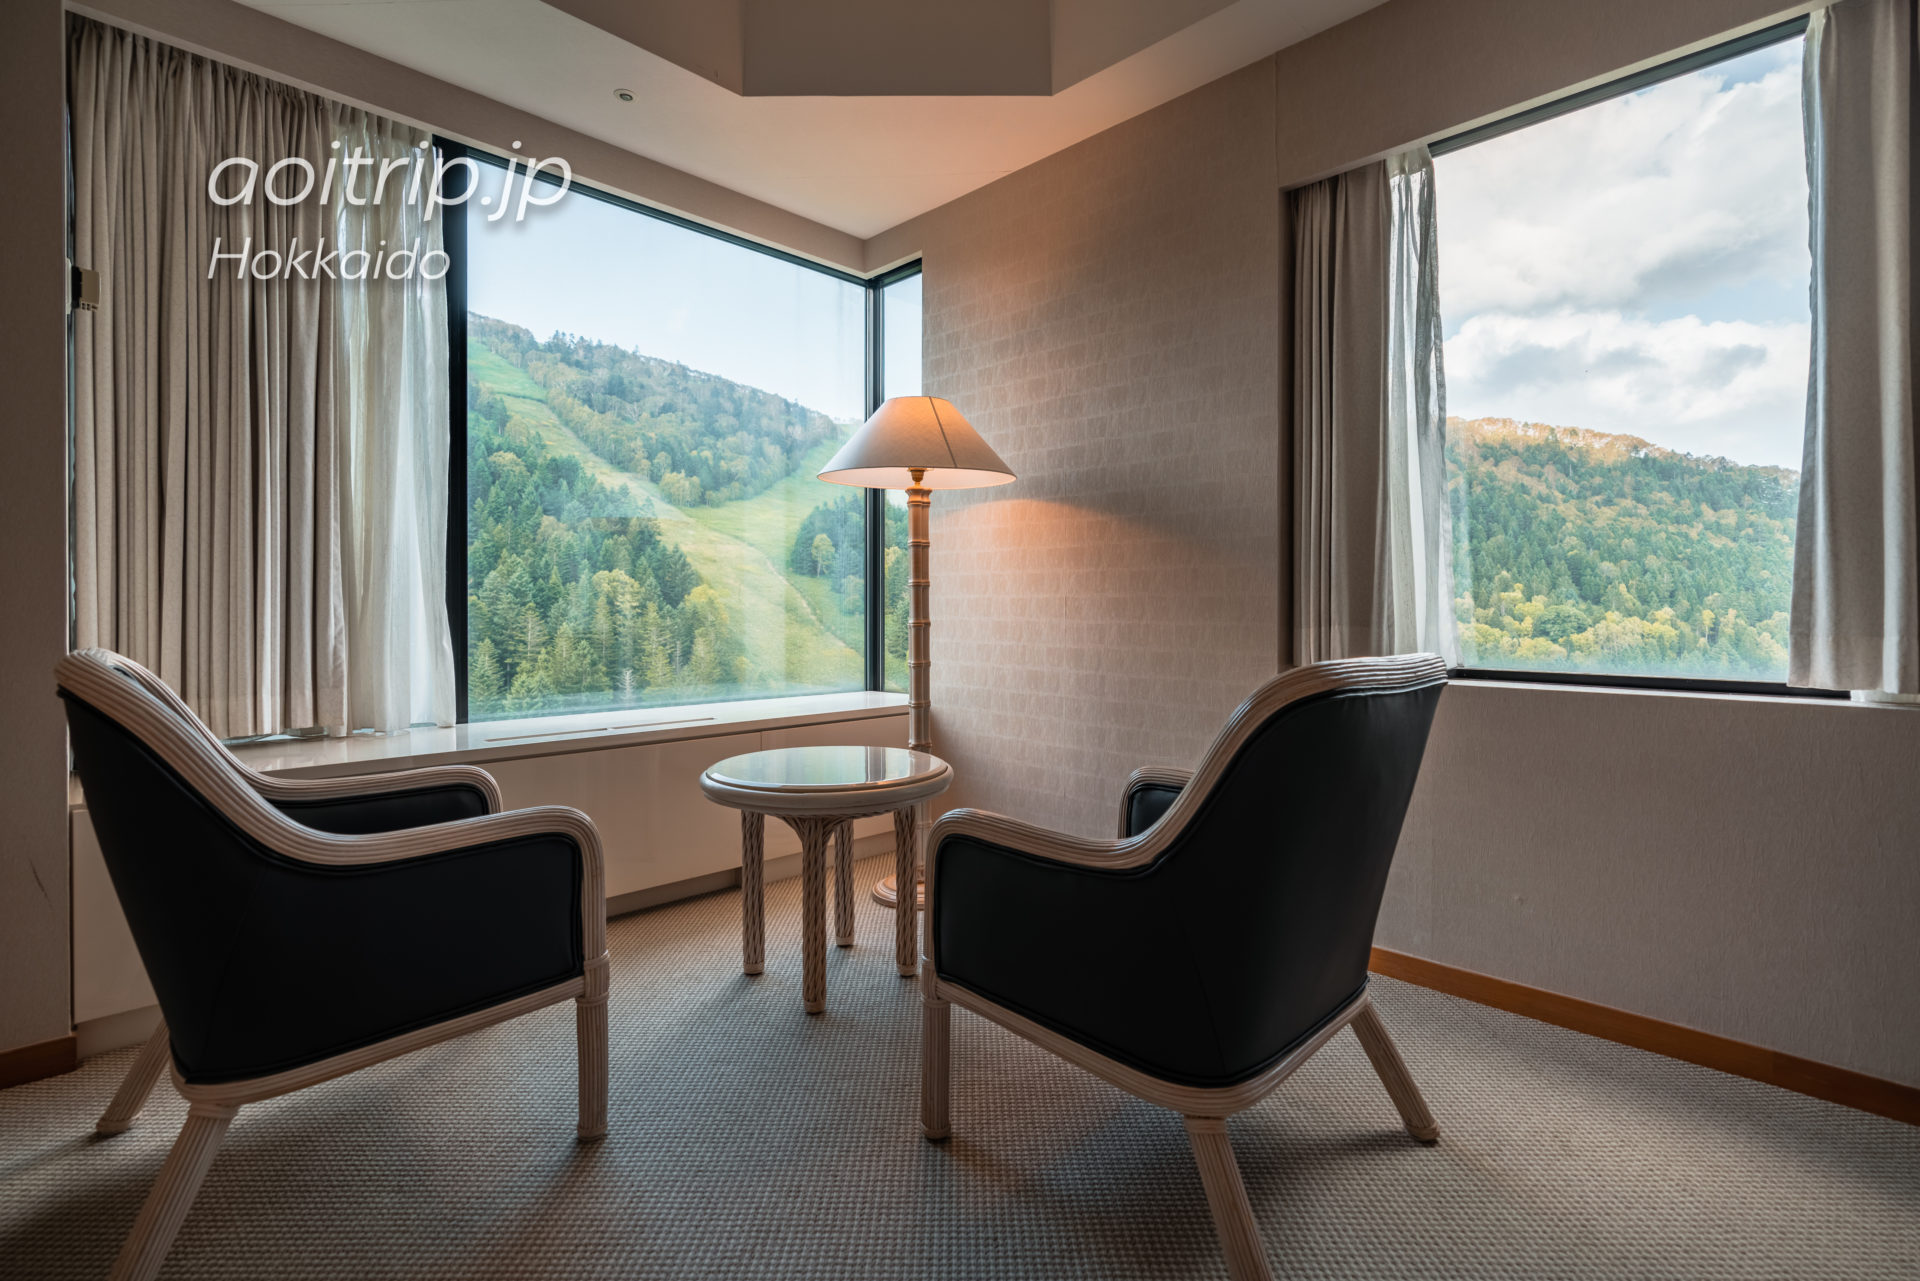 星野リゾート リゾナーレトマム 宿泊記 Hoshino Risonare Tomamu スイートツインルームの客室